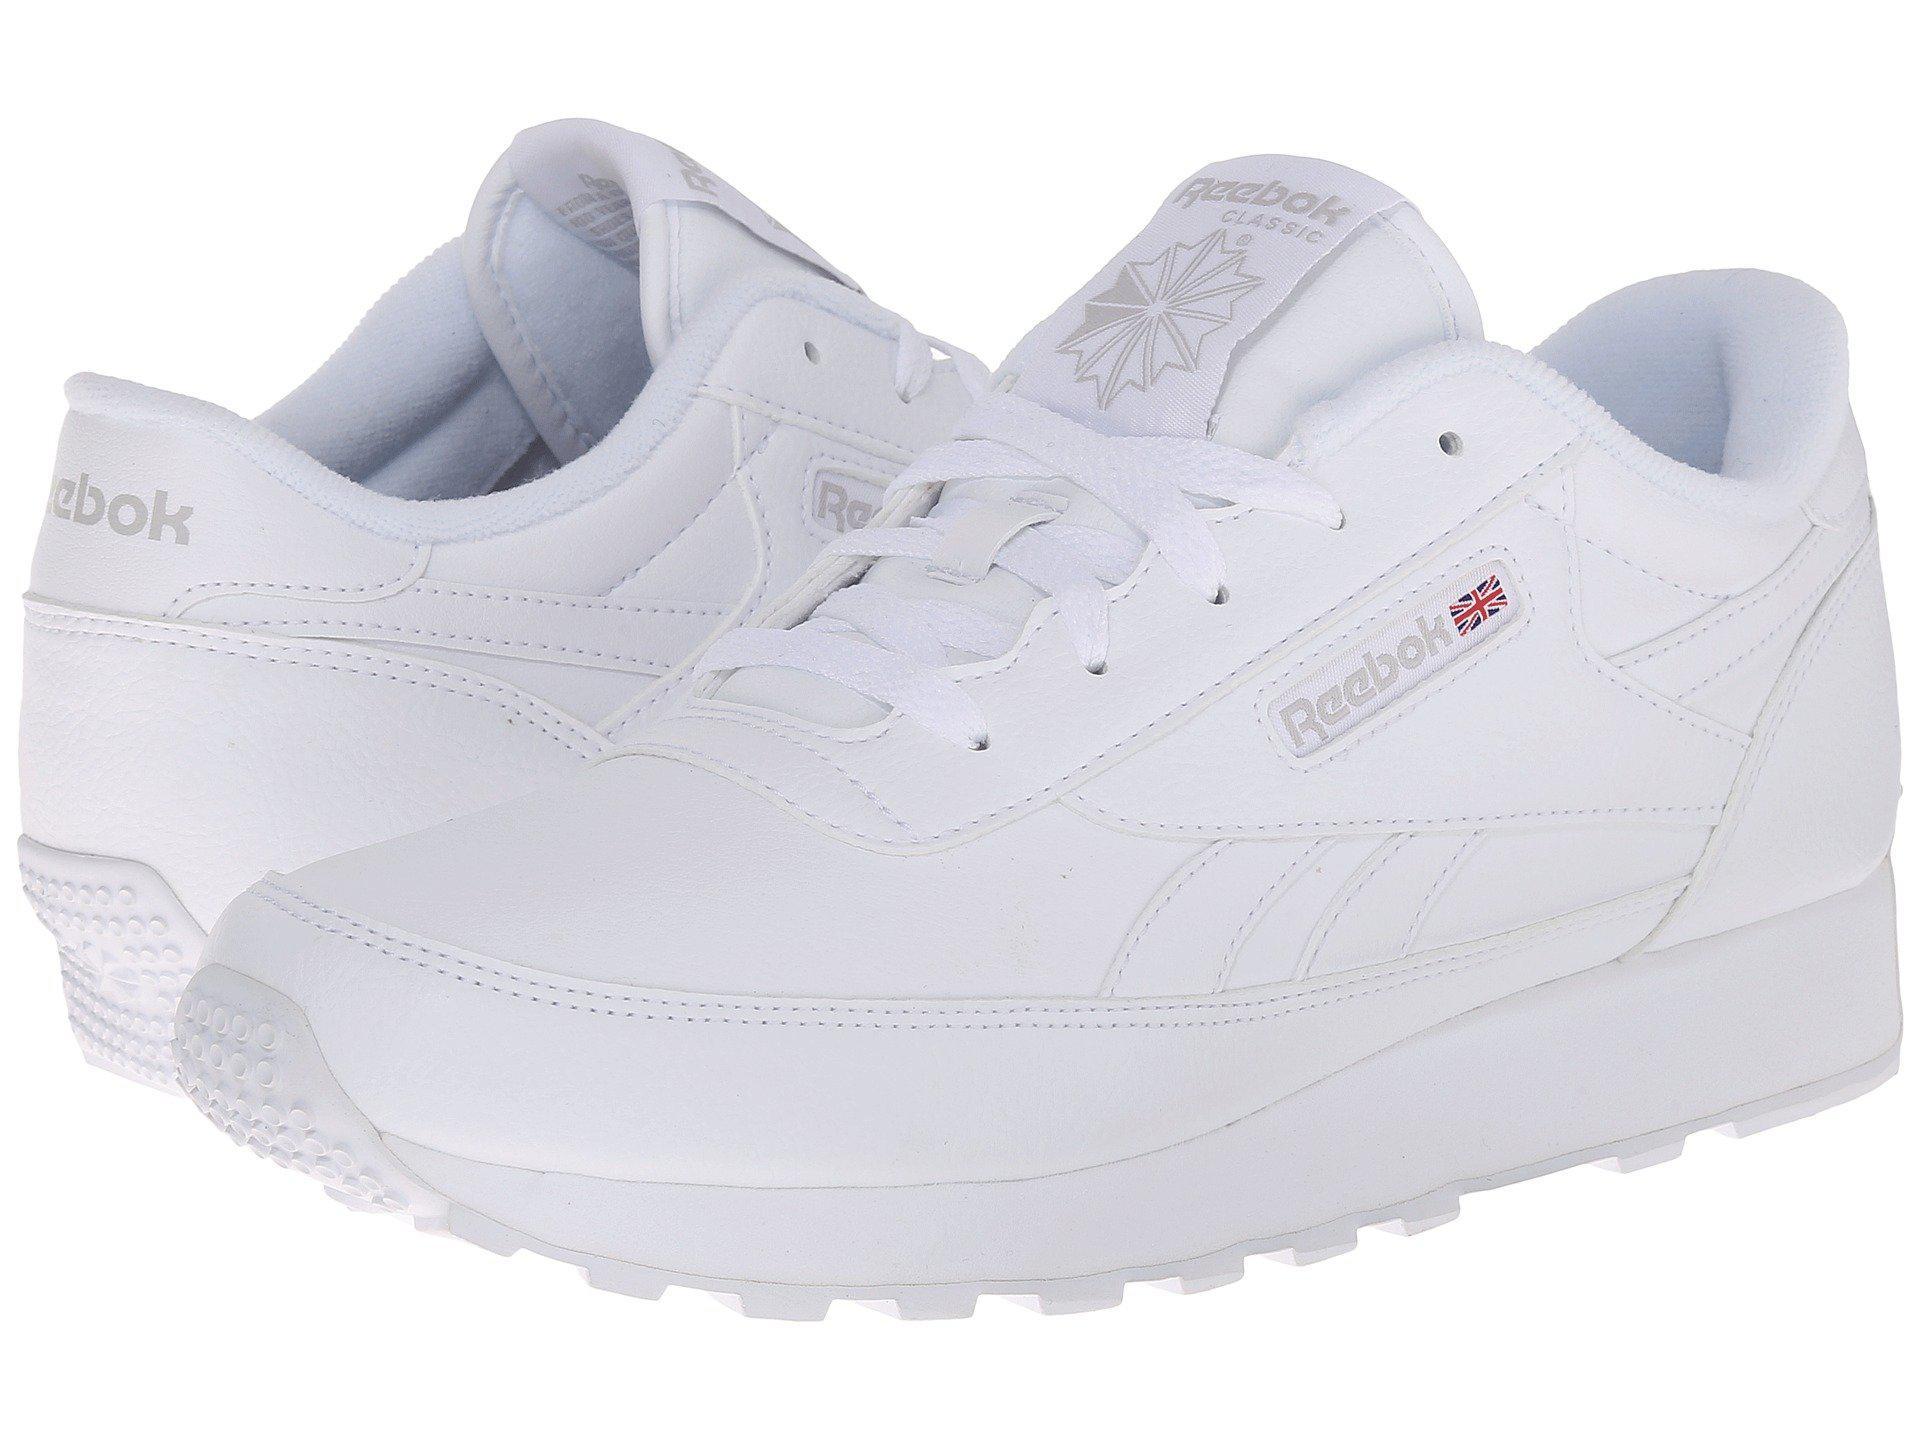 e79cca9c0e142d Lyst - Reebok Classic Renaissance in White